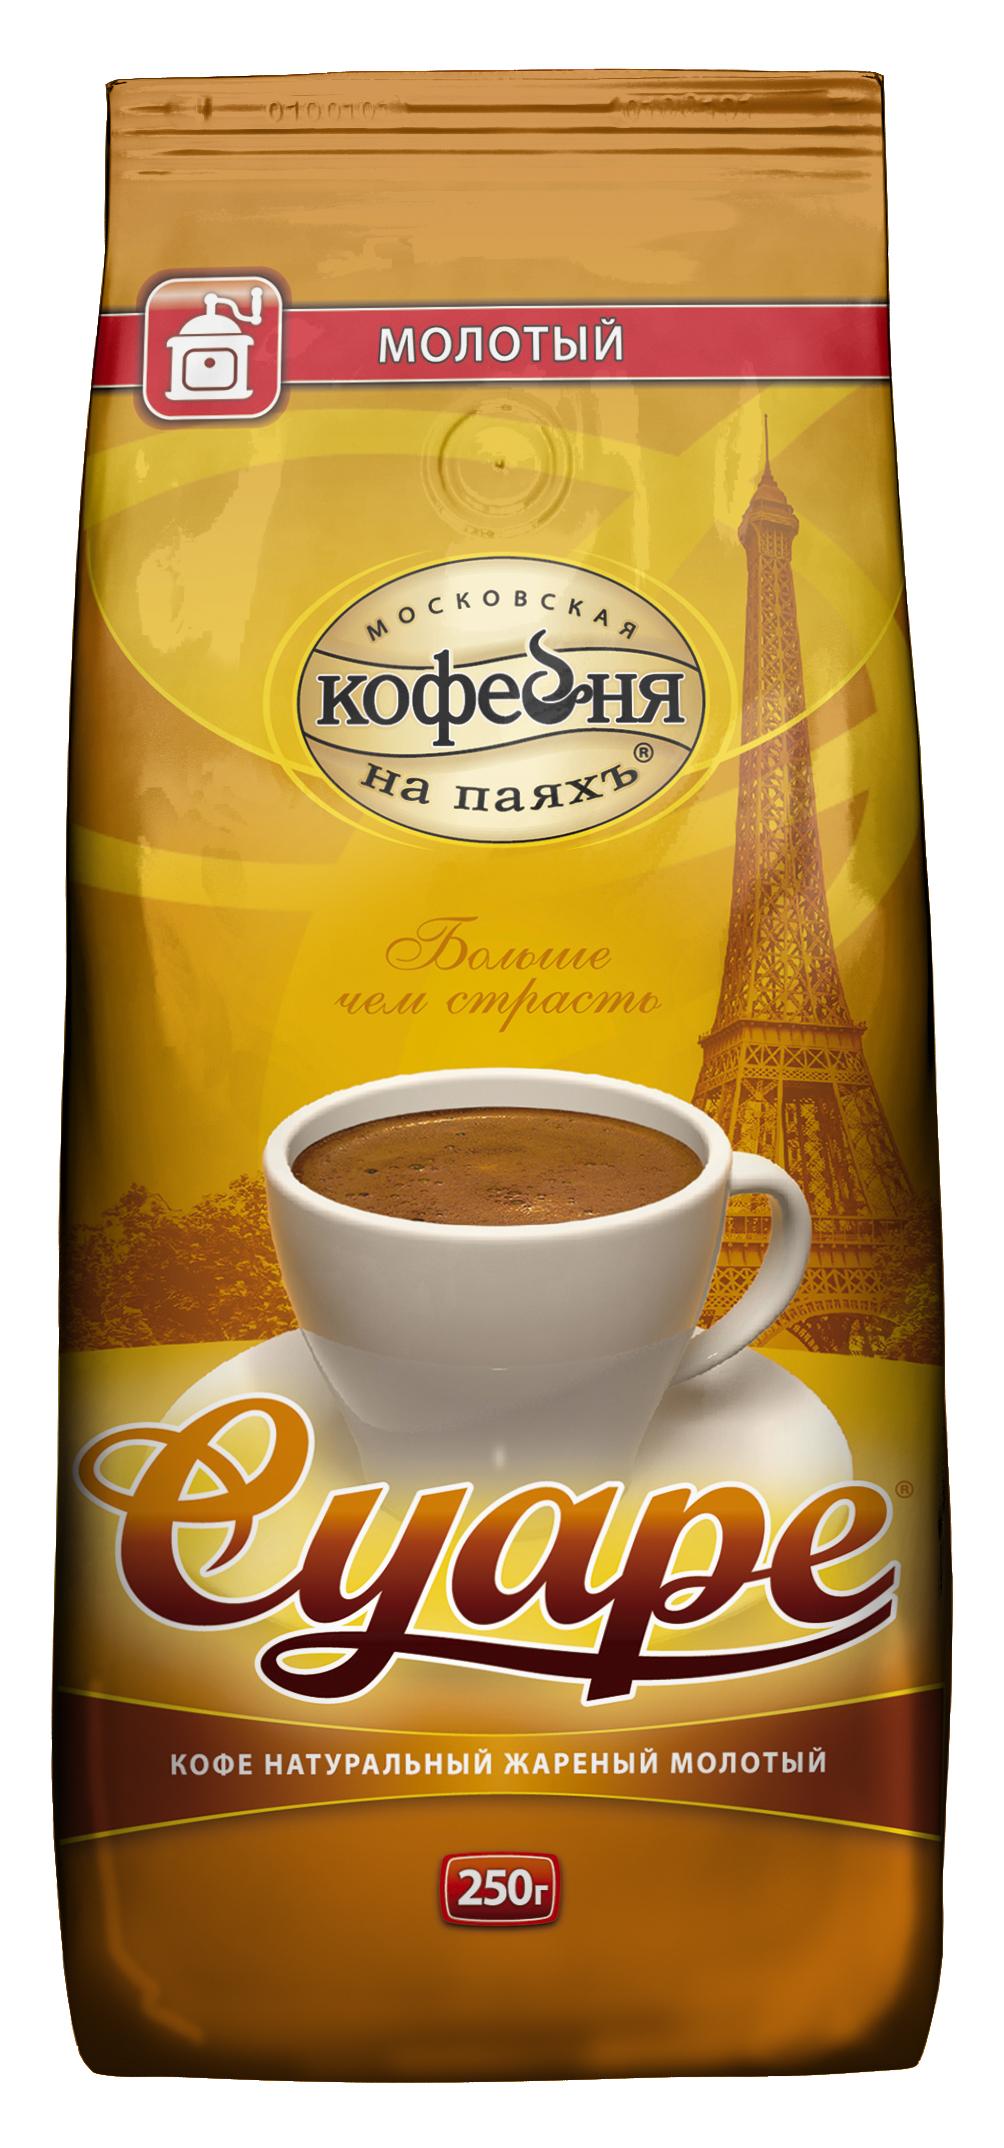 Московская кофейня на паяхъ Суаре кофе молотый, 250 г0120710Кофе натуральный жареный молотый Московская кофейня на паяхъ Суаре.Кофе Суаре (с французского - вечерний романтический ужин на двоих) производится по старинному рецепту. За чашечкой кофе Суаре вы окунетесь в атмосферу уютных парижских кофеен. Старательно подобранные сорта кофе из Колумбии и Бразилии позволили создать букет мягкого, полного вкуса и насыщенного аромата.Этот крепкий, с благородной горчинкой кофе подойдет и для романтического вечера вдвоем, и для перерыва посреди напряженного рабочего дня. Специальный клапан на пакете гарантирует сохранение вкуса и аромата свежеобжаренного молотого кофе.